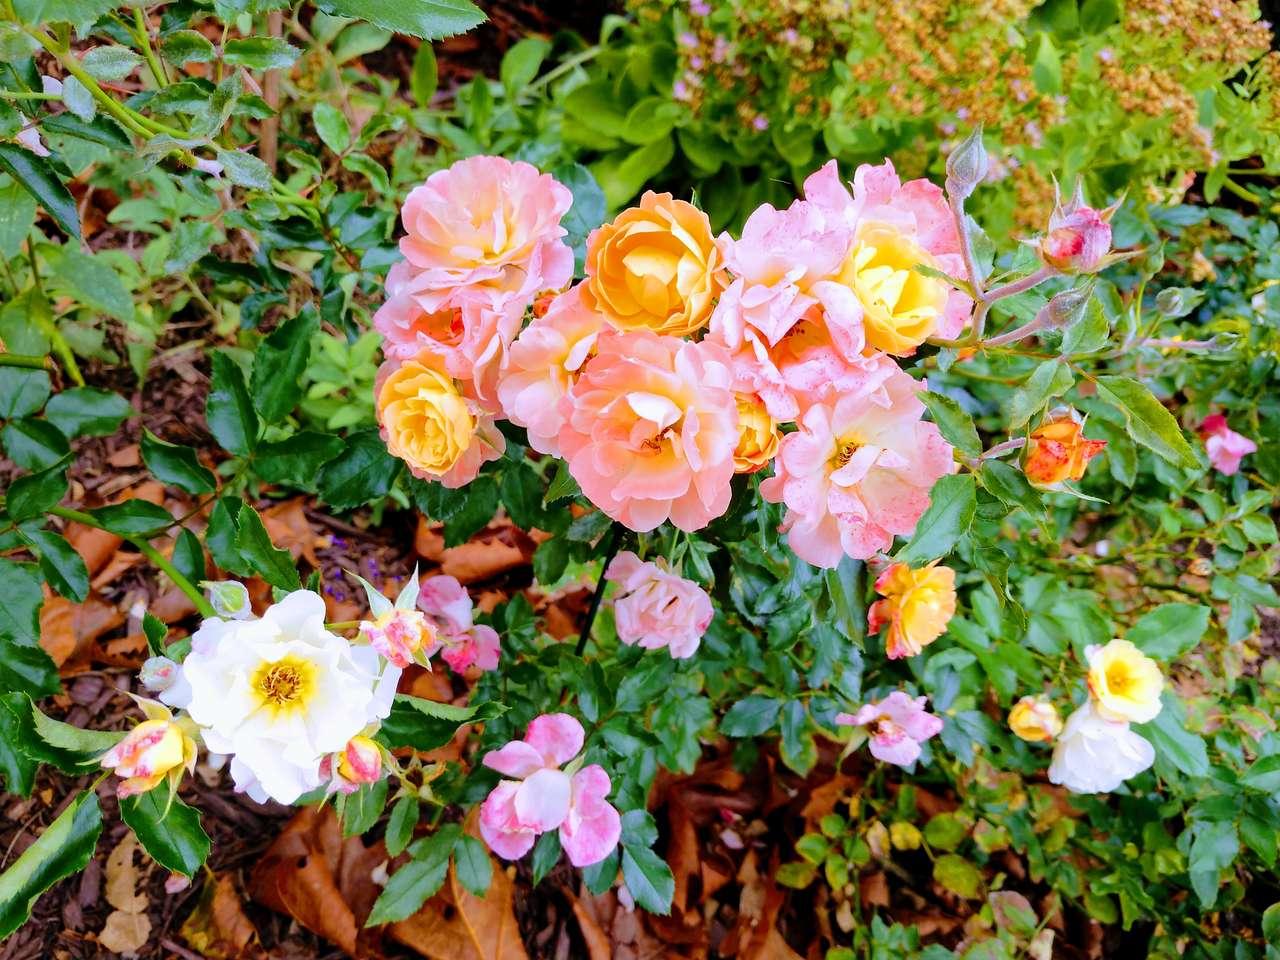 τριαντάφυλλα - όμορφα σε ροζ λουλούδια (18×14)